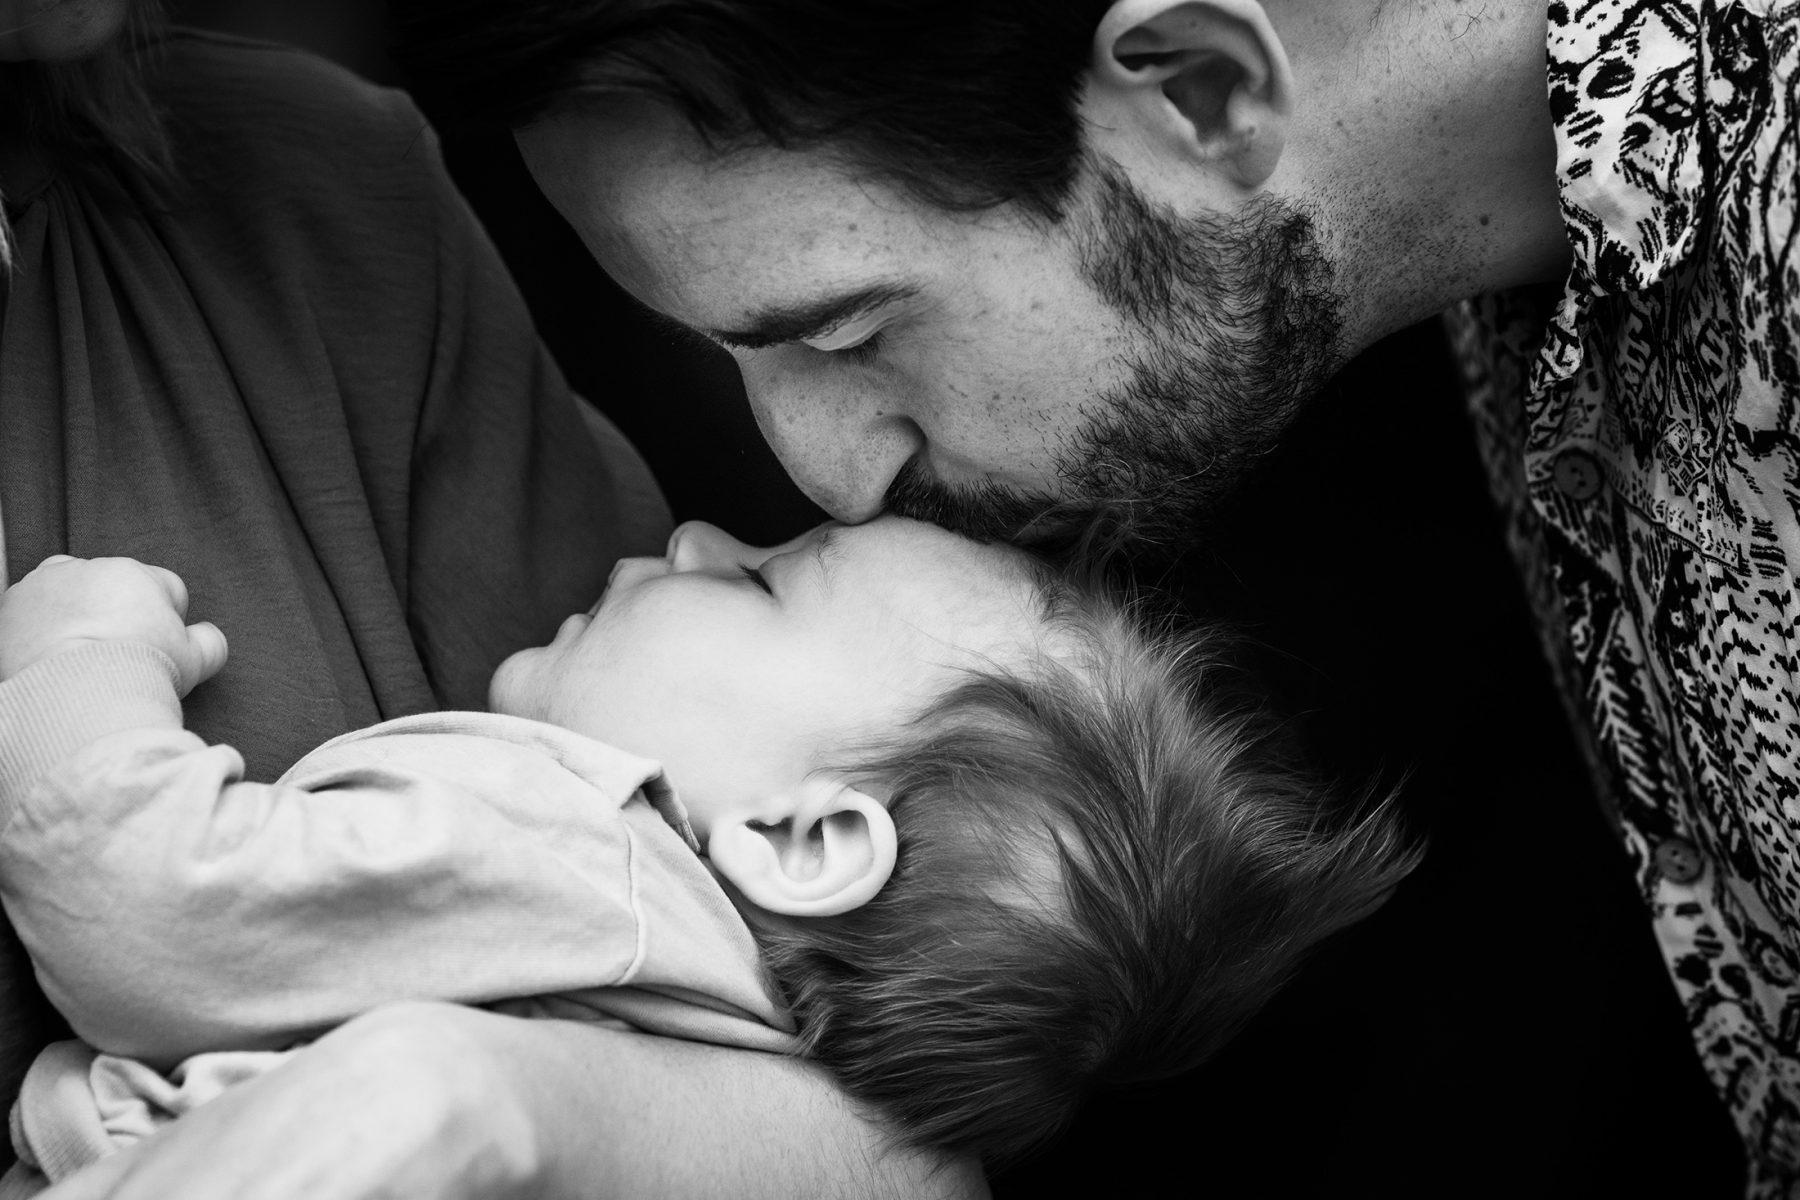 A father kisses his new born son's head